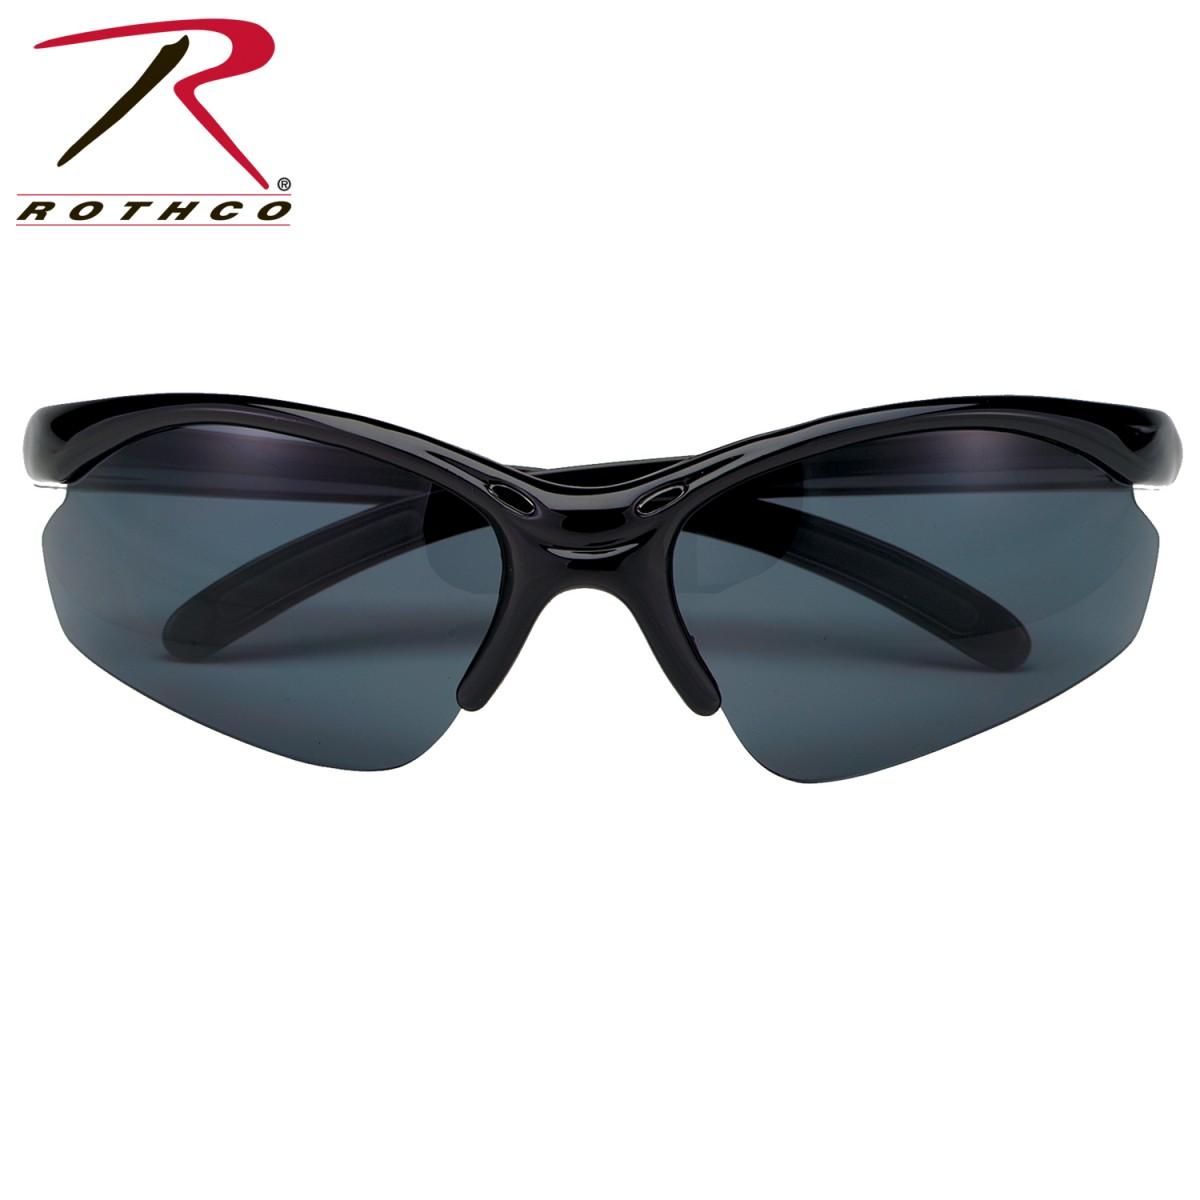 Очки солнцезащитные спортивные Rothco Smoke 32d5df53bde91